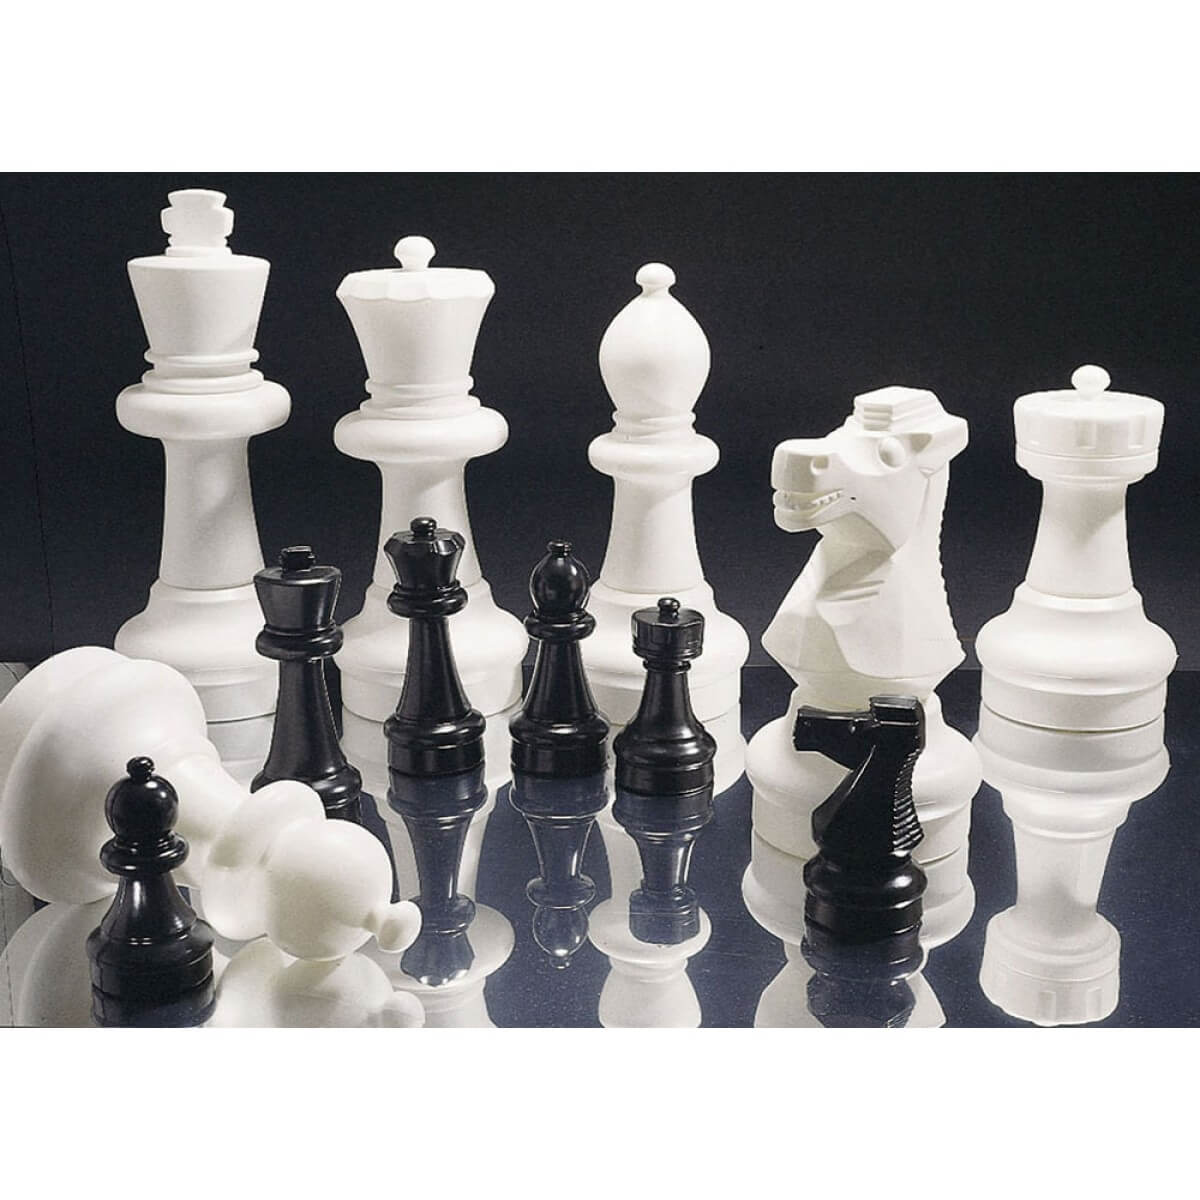 Rolly Kültéri sakkszett, nagy